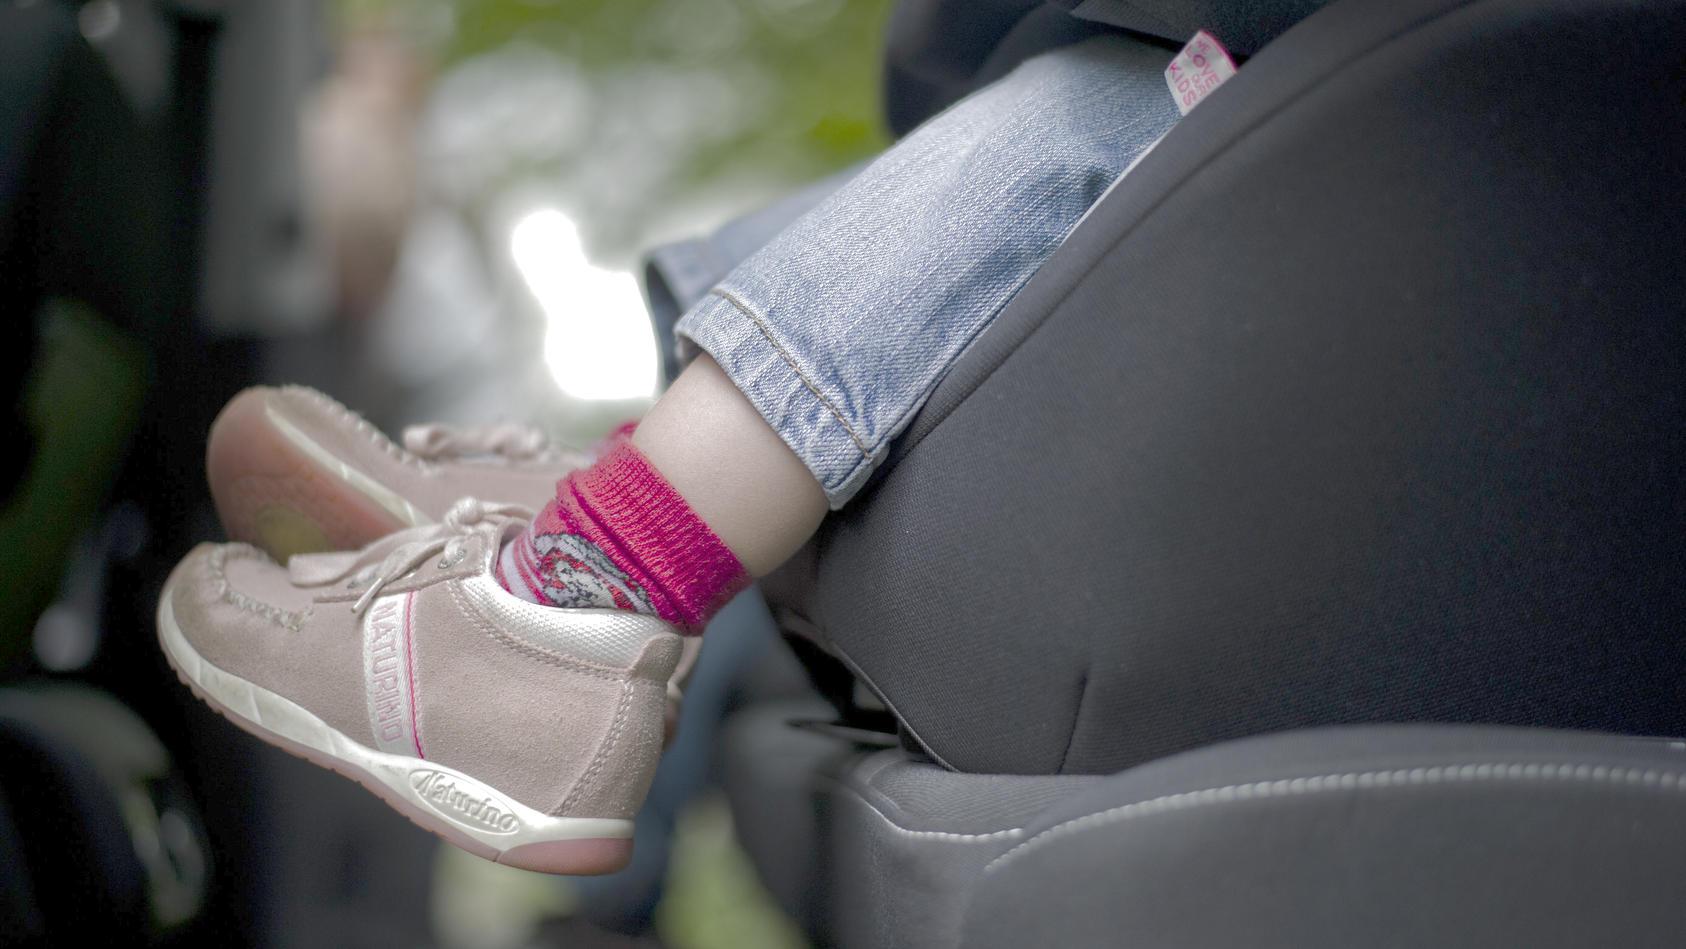 Männer liefern sich illegales Rennen - mit zweijährigem Kind auf der Rückbank (Symbolbild)